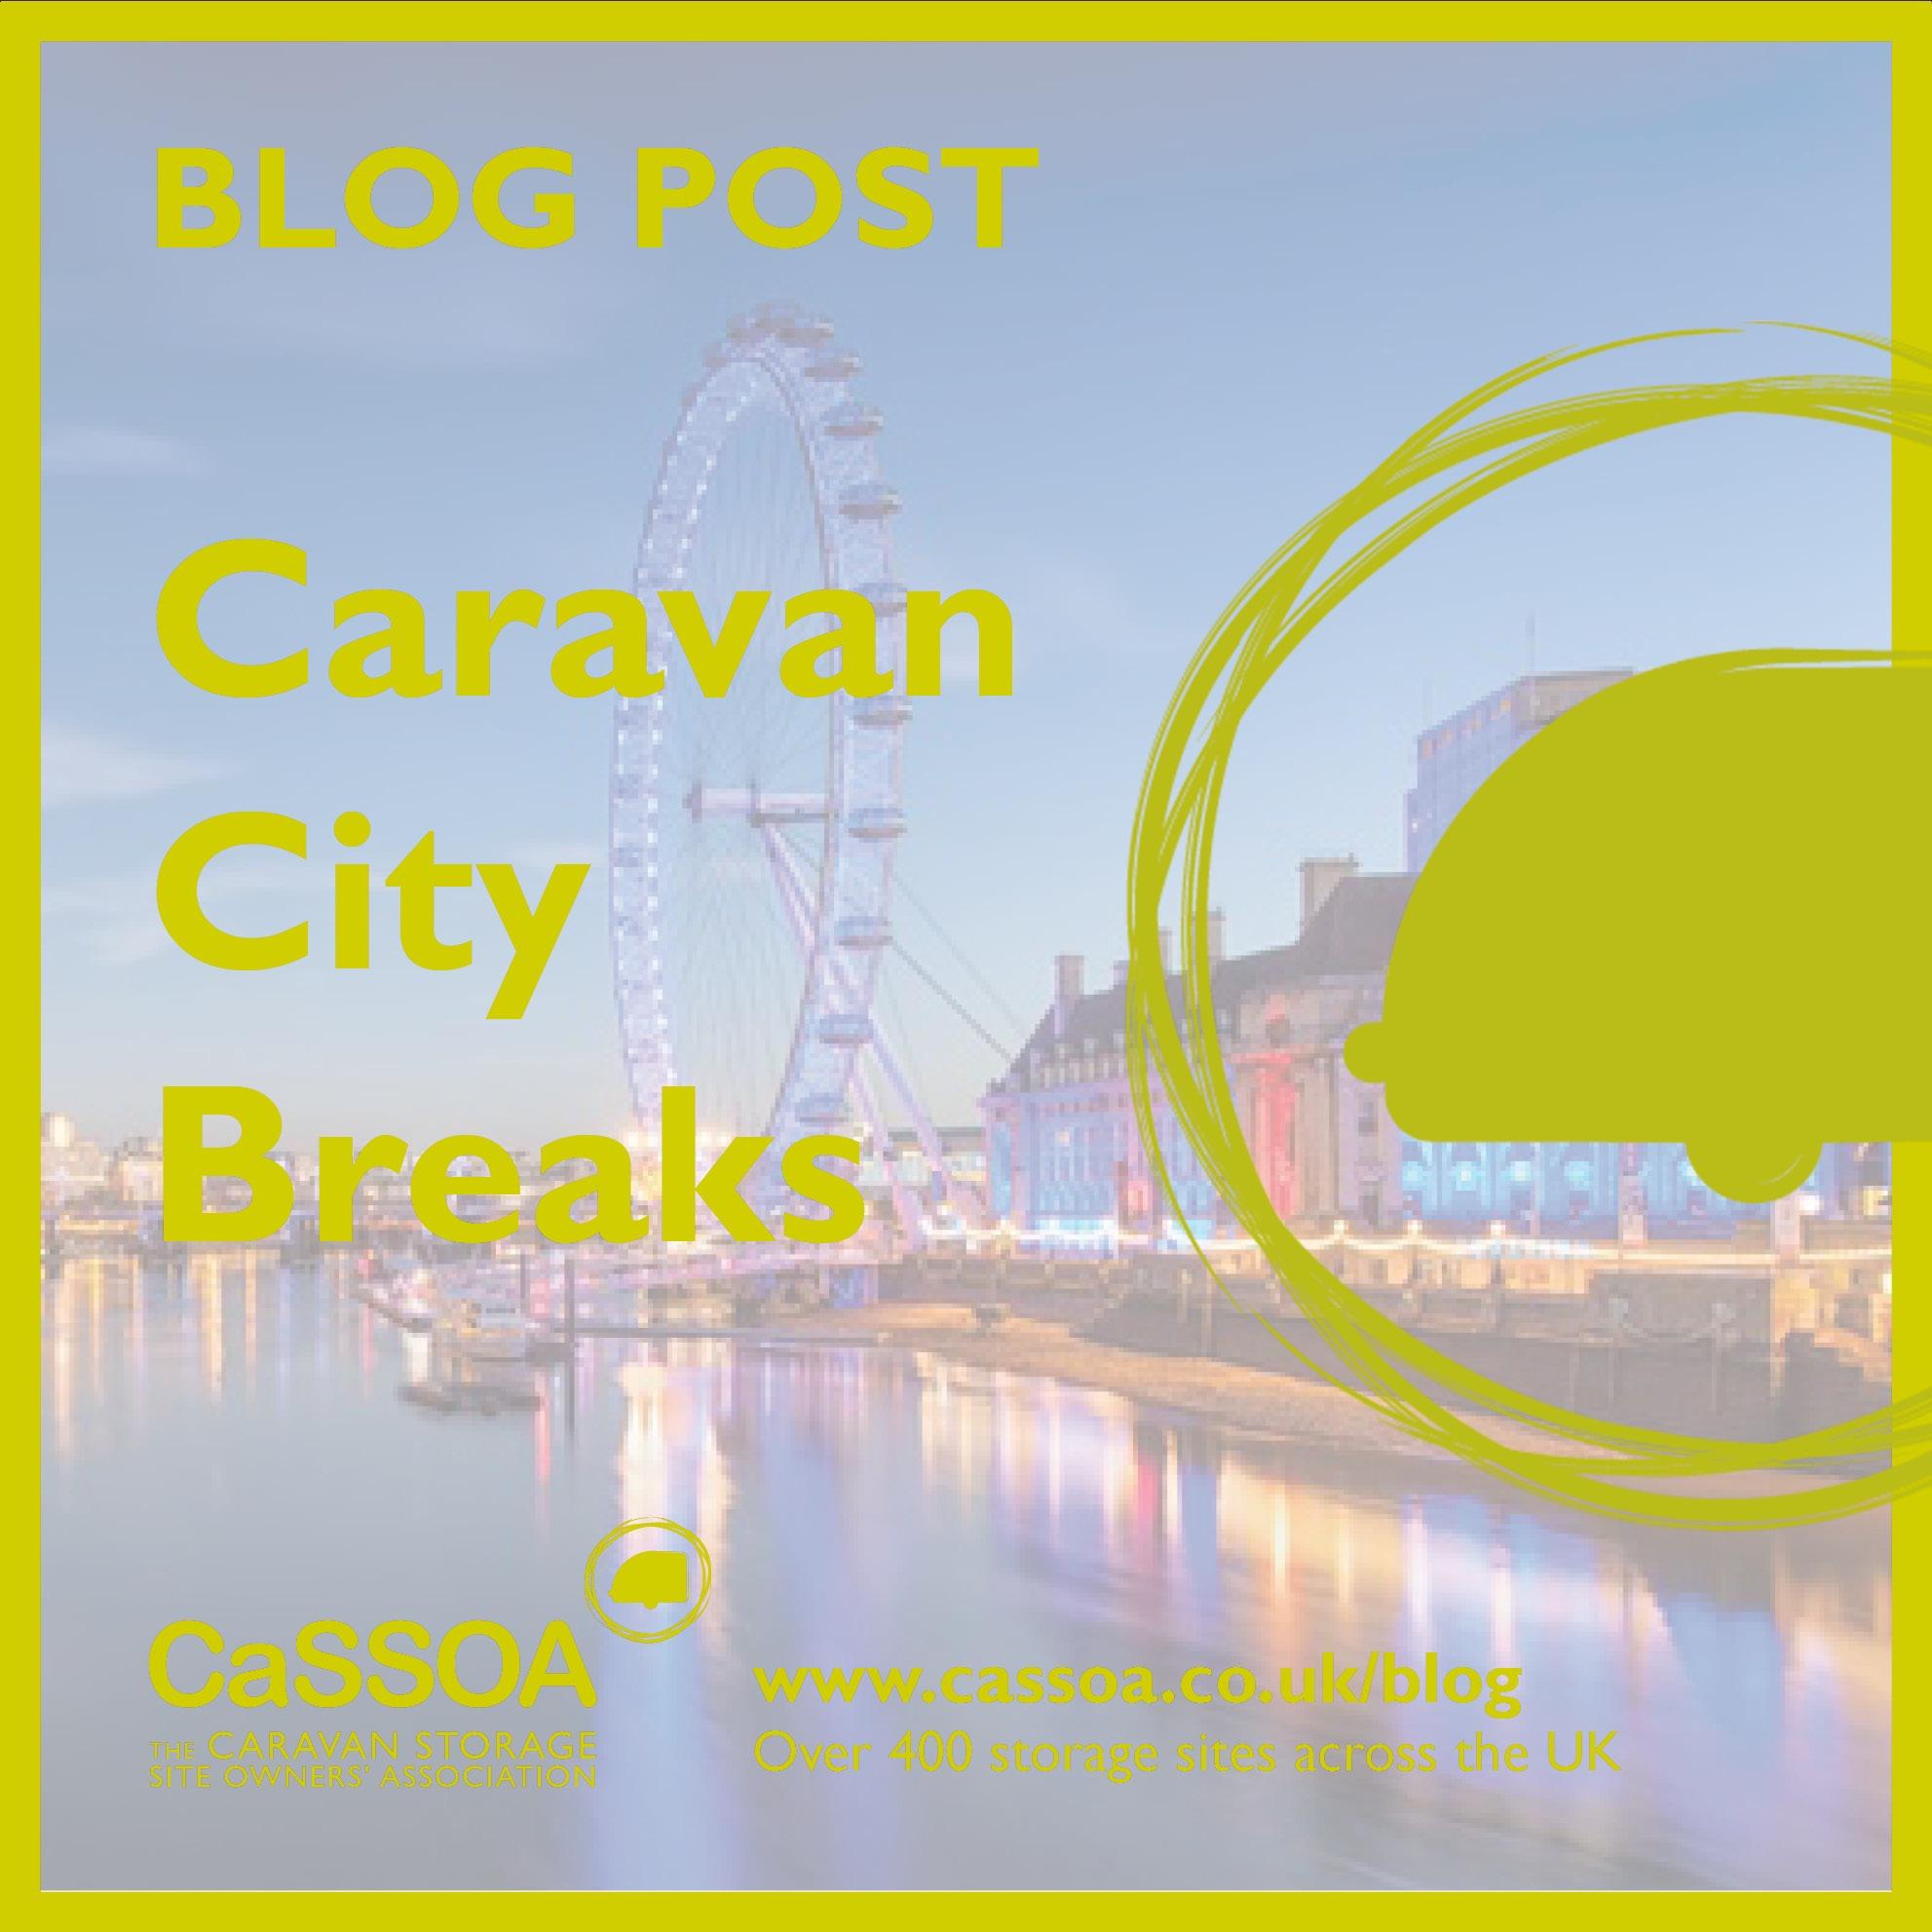 Caravan City Breaks